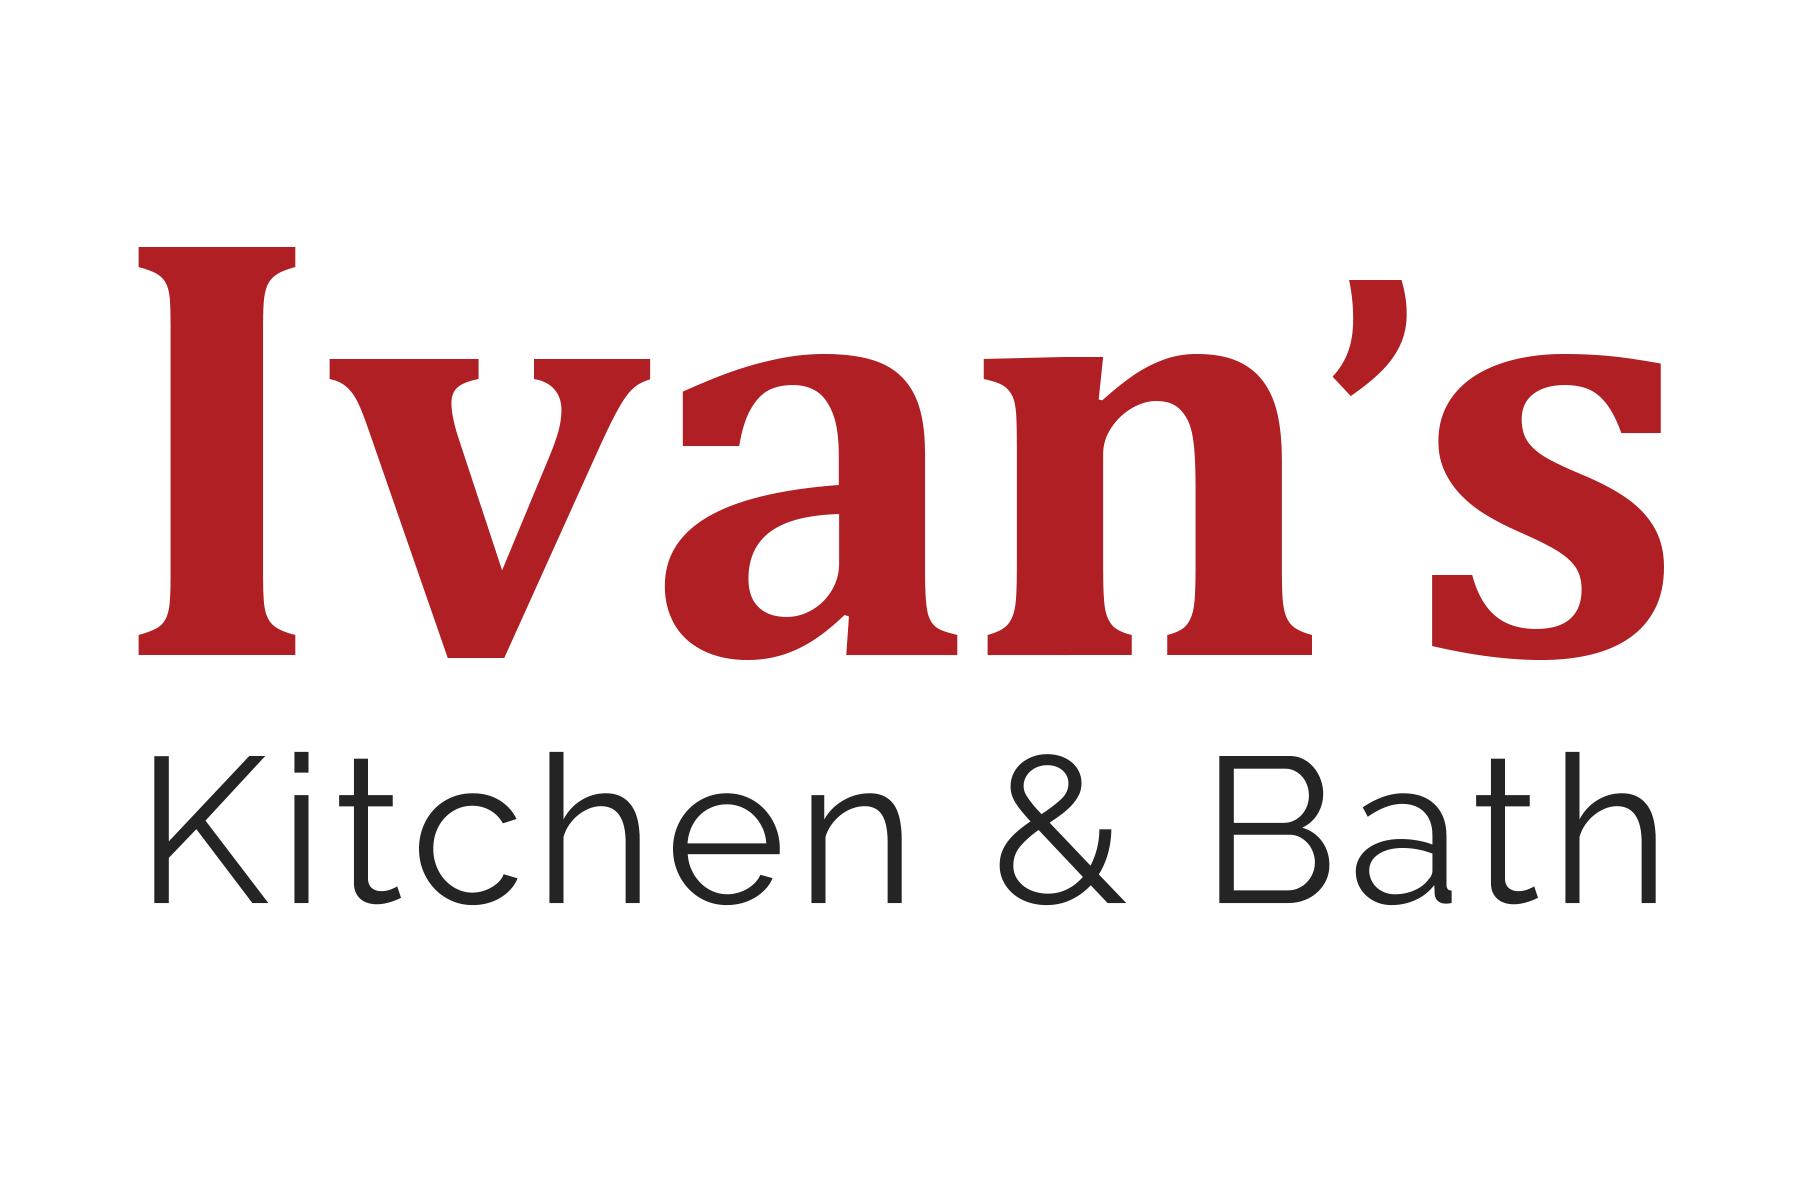 Ivan's Kitchens